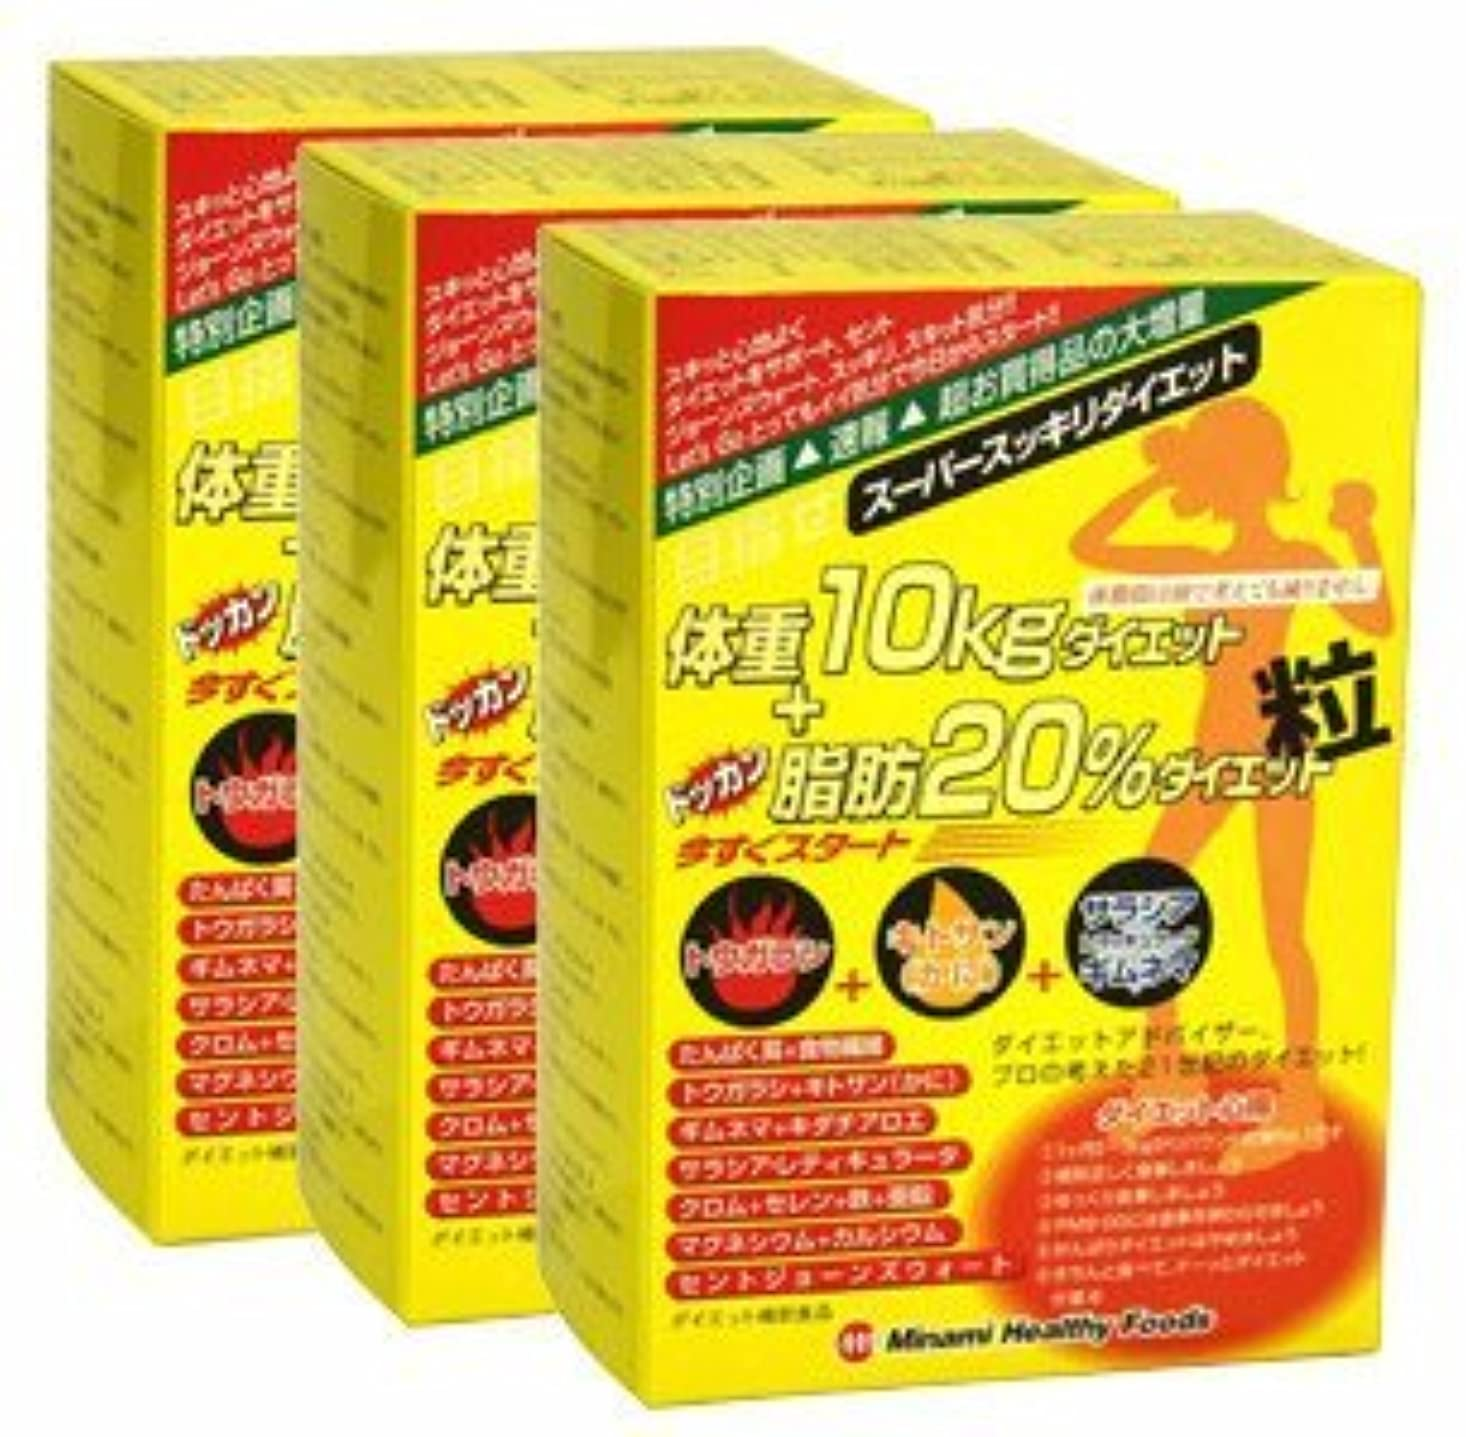 貪欲家事り目指せ体重10kg+ドッカン脂肪20%ダイエット粒【3箱セット】ミナミヘルシーフーズ